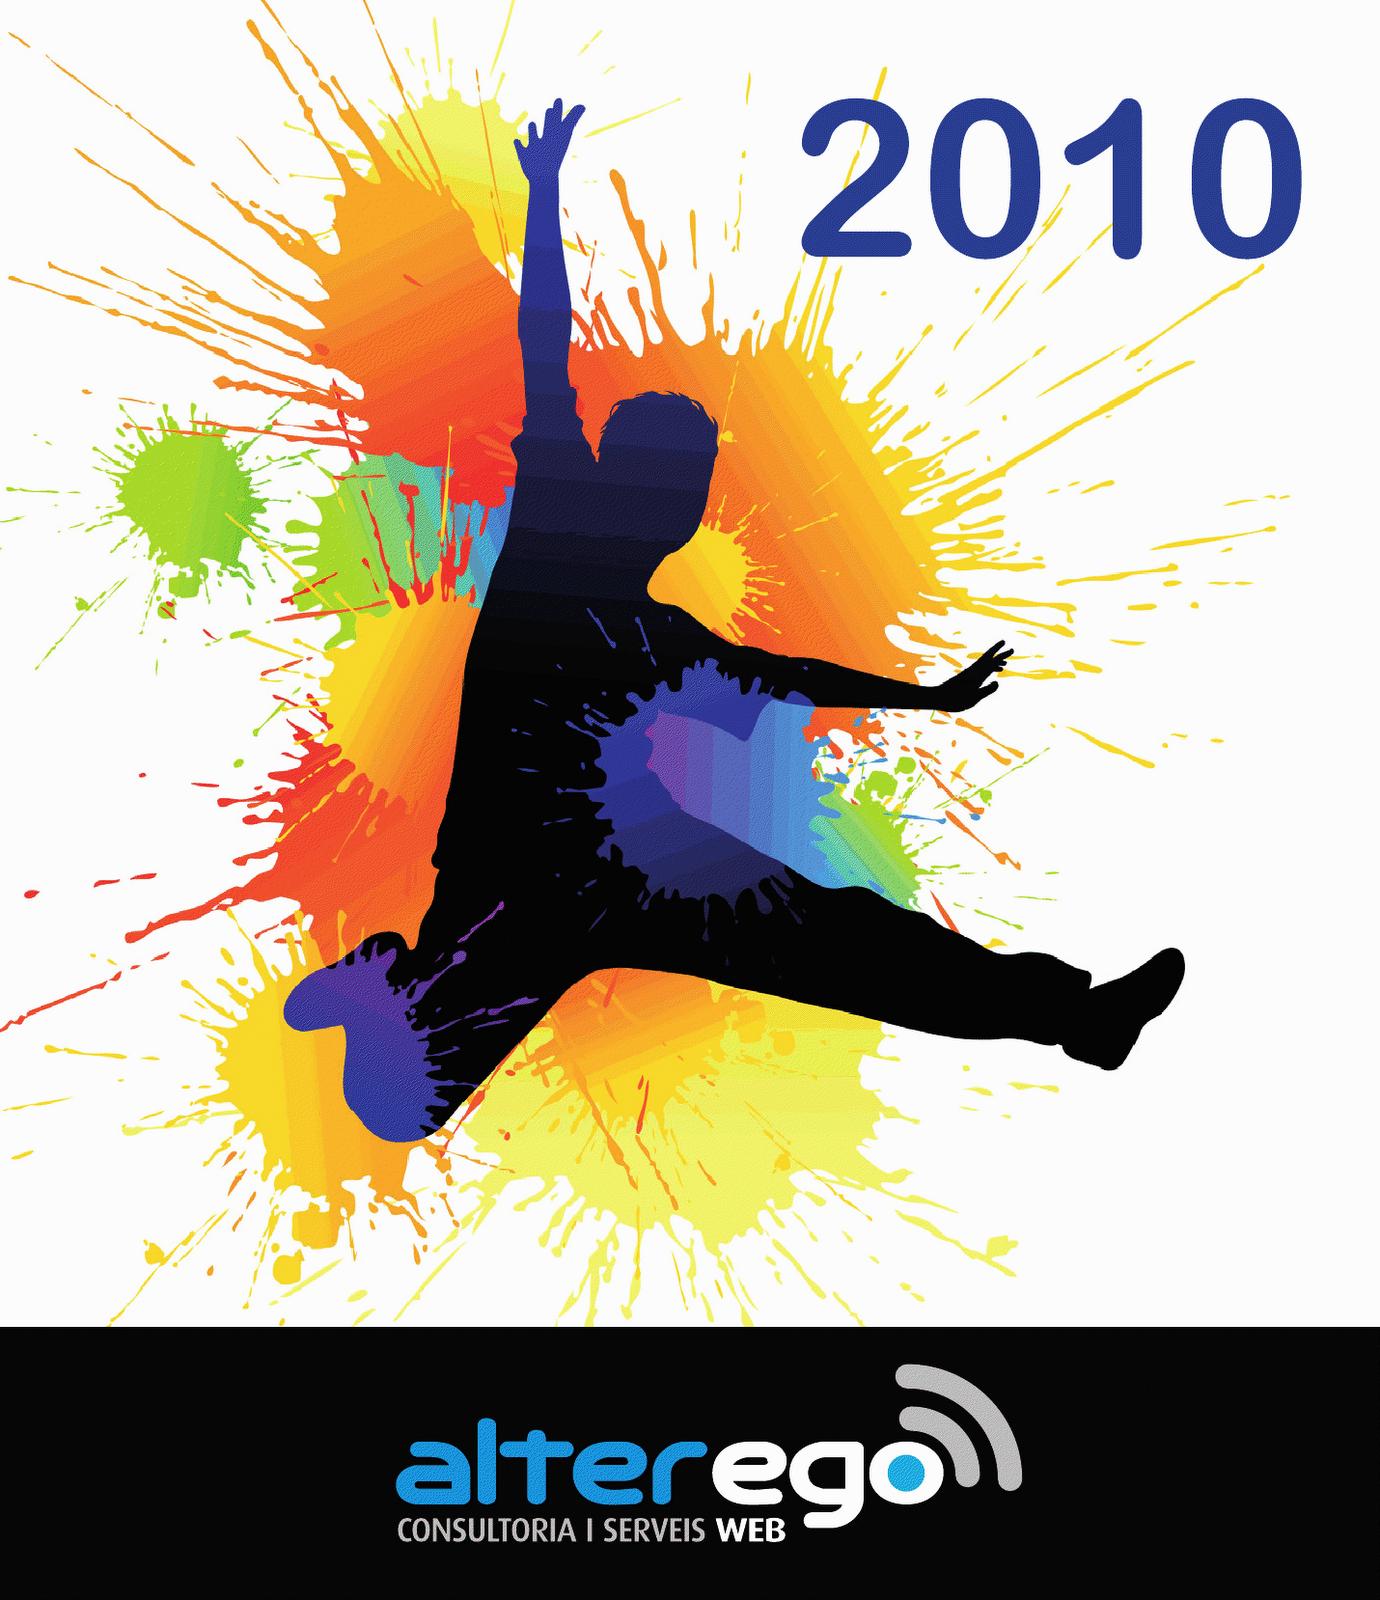 calendari alter ego 2010